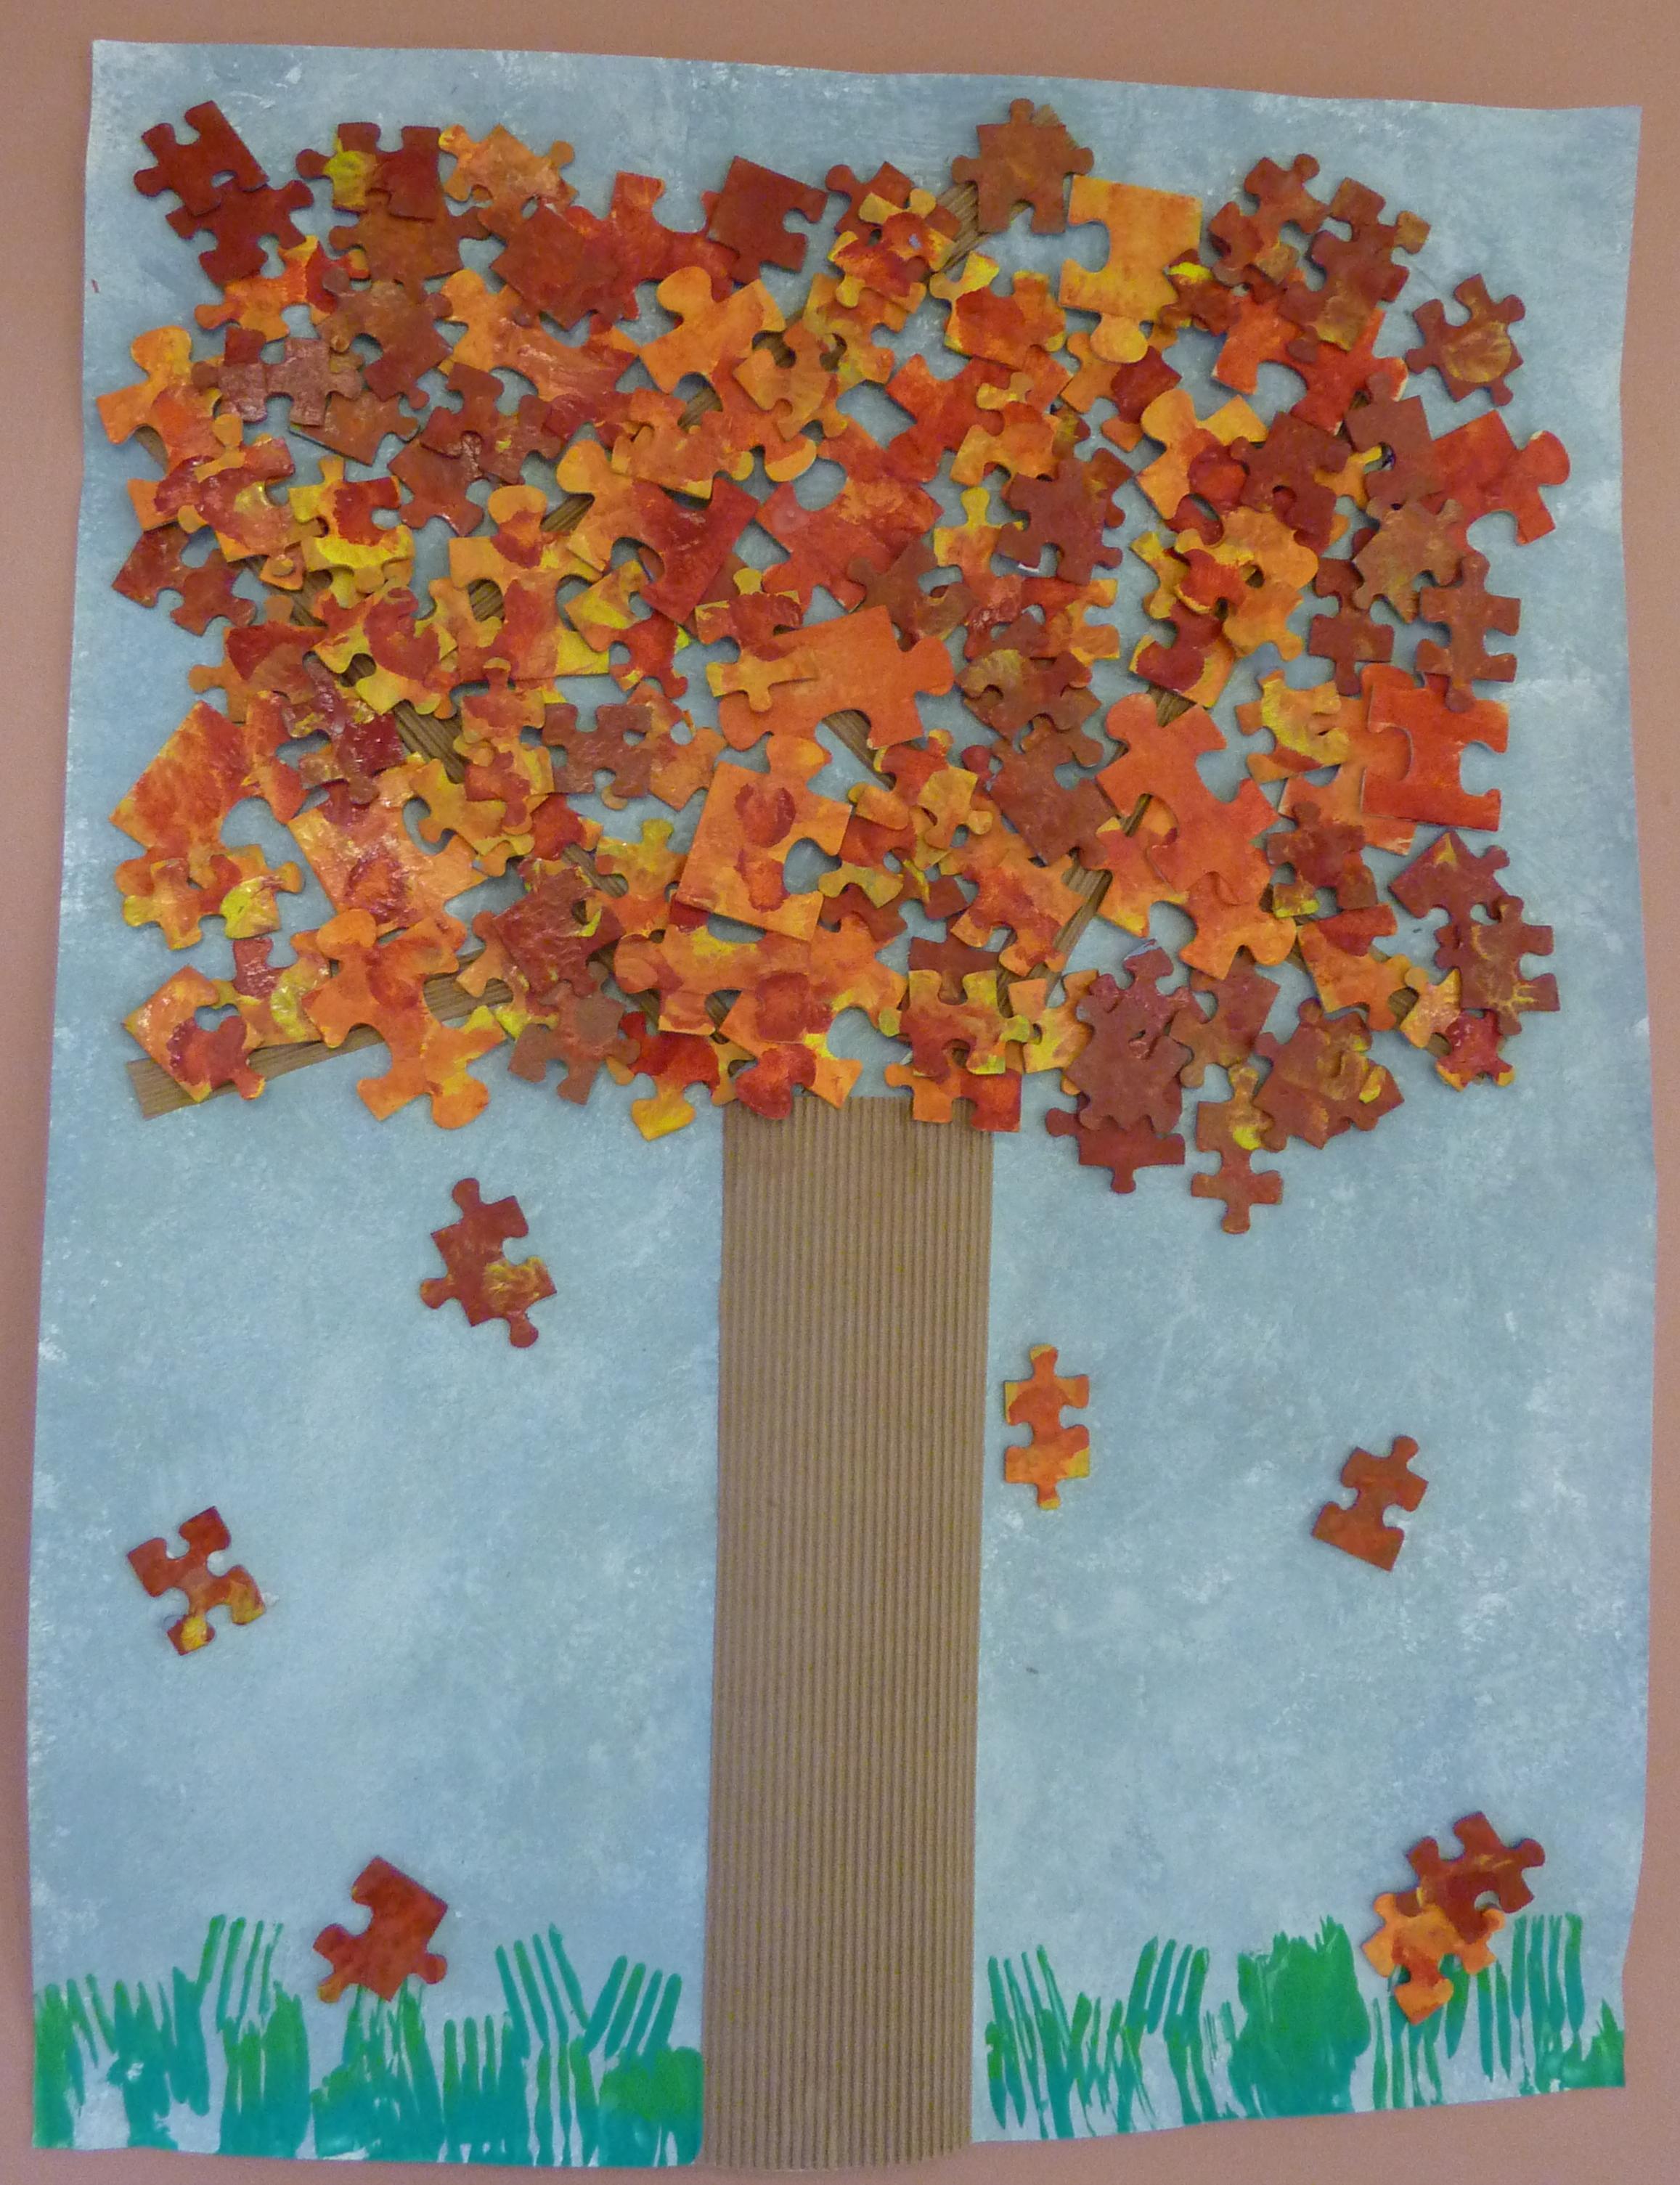 Coloriage Arbre Dautomne Maternelle.Maternelle Arts Visuels Automne Arbre Puzzle D Automne